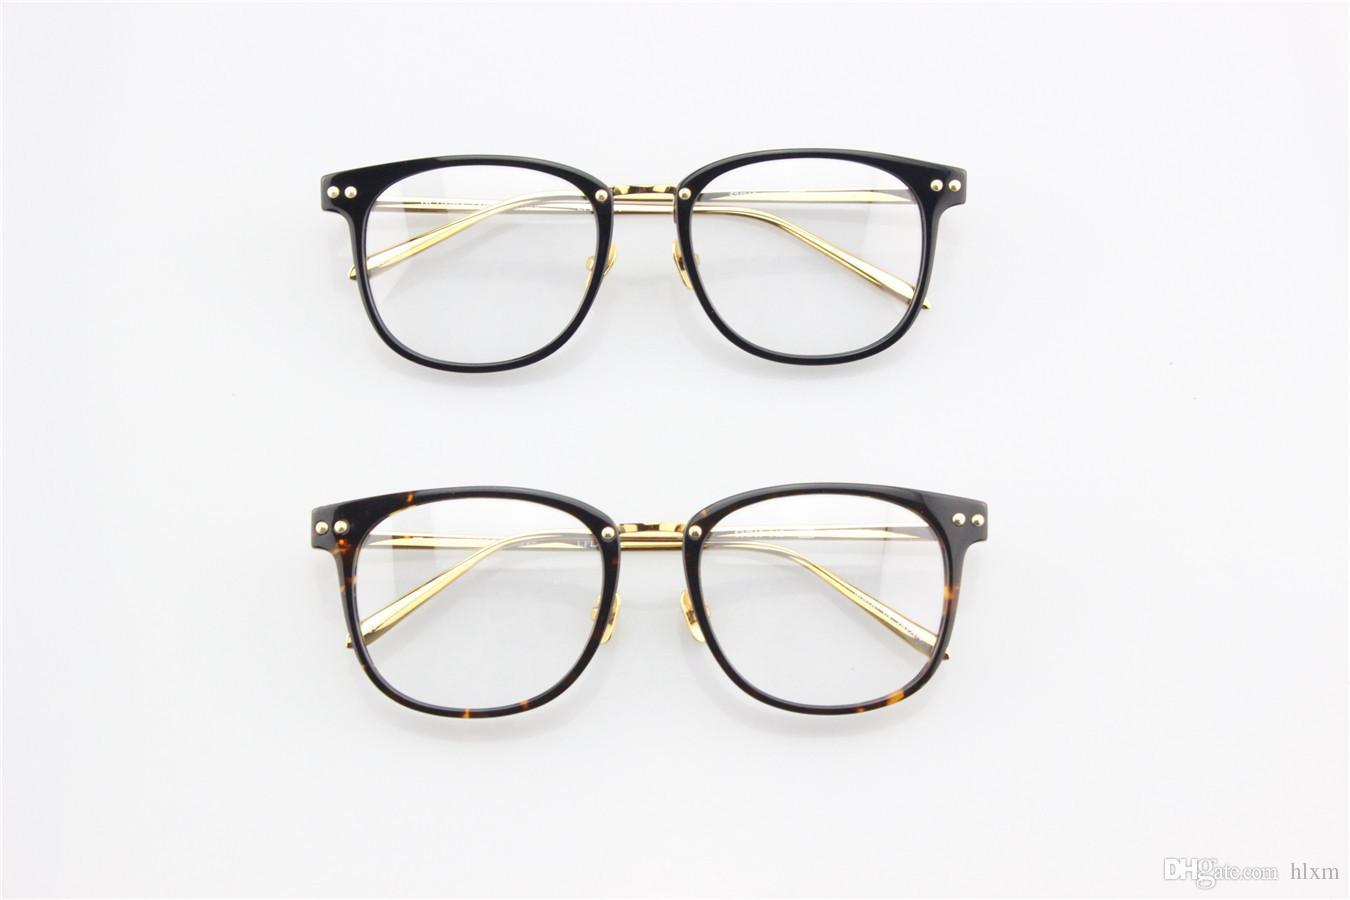 13d9a0233 Compre Marca De Moda Linda Armações De Óculos LFL145 Prancha Quadro Óculos  De Armação Restaurando Antigas Formas Oculos De Grau Miopia Armações De  Óculos De ...